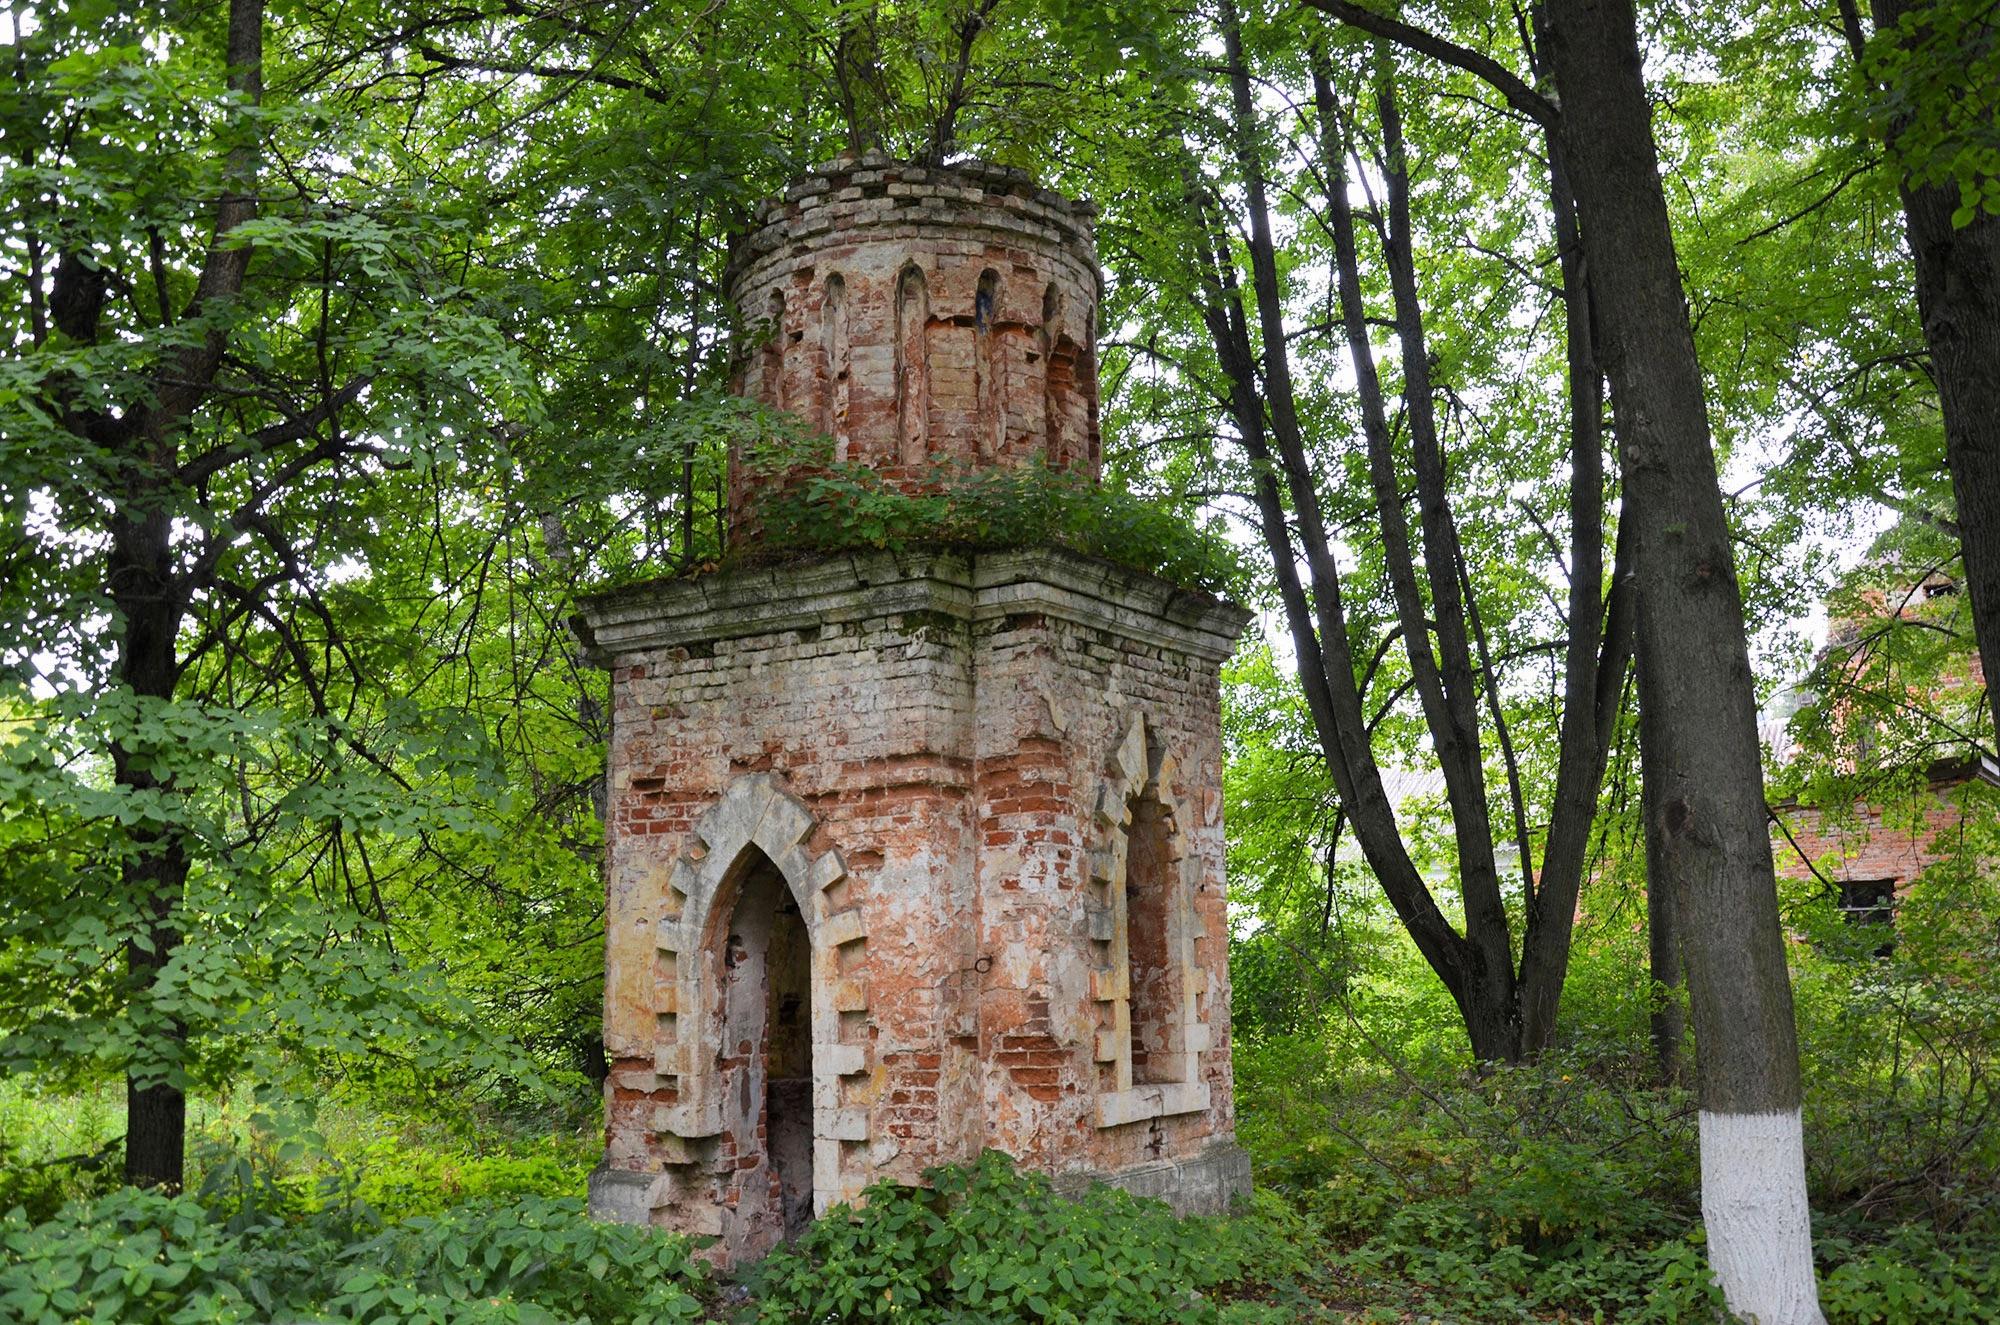 Усадьба Осташево, Осташево, Россия